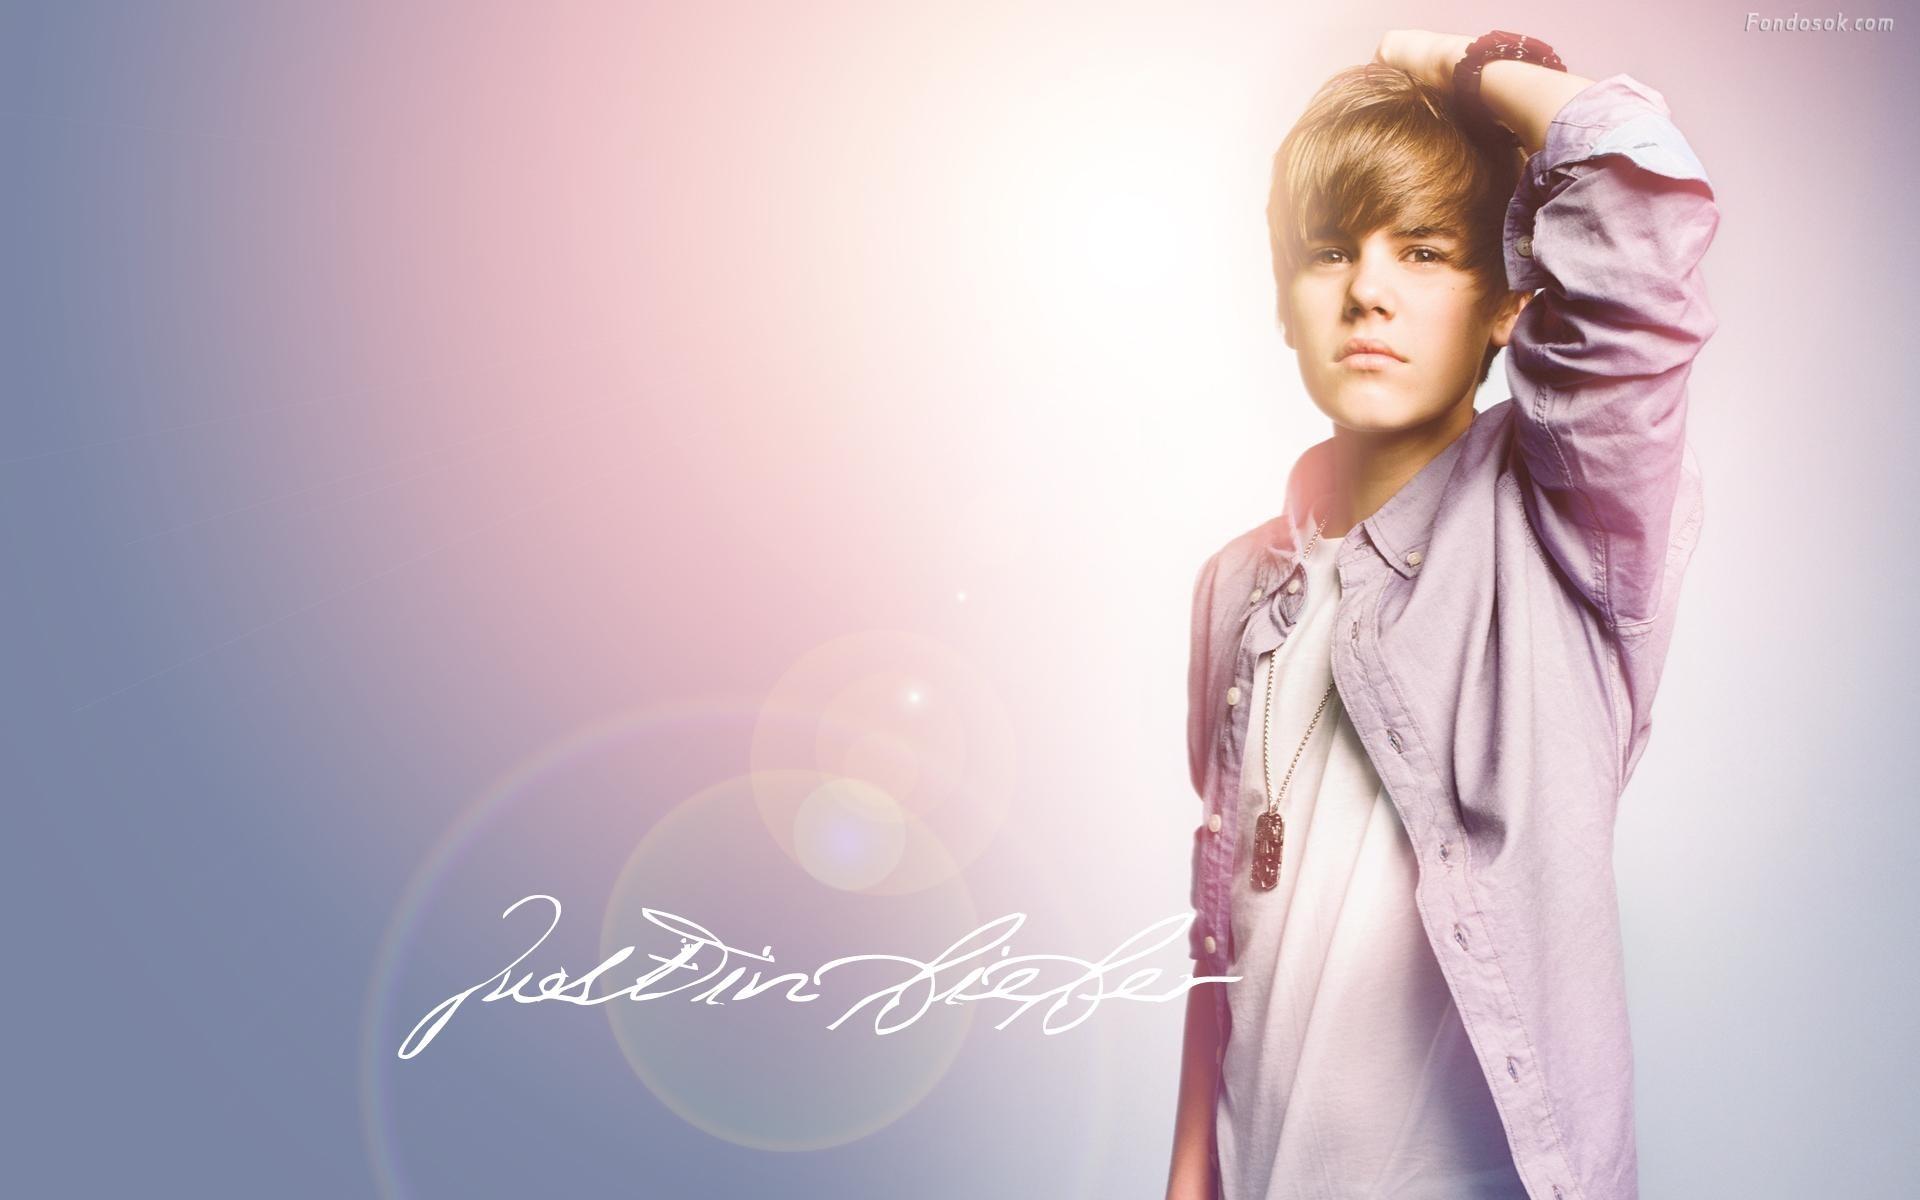 <b>HD Wallpapers</b> of <b>Justin Bieber<